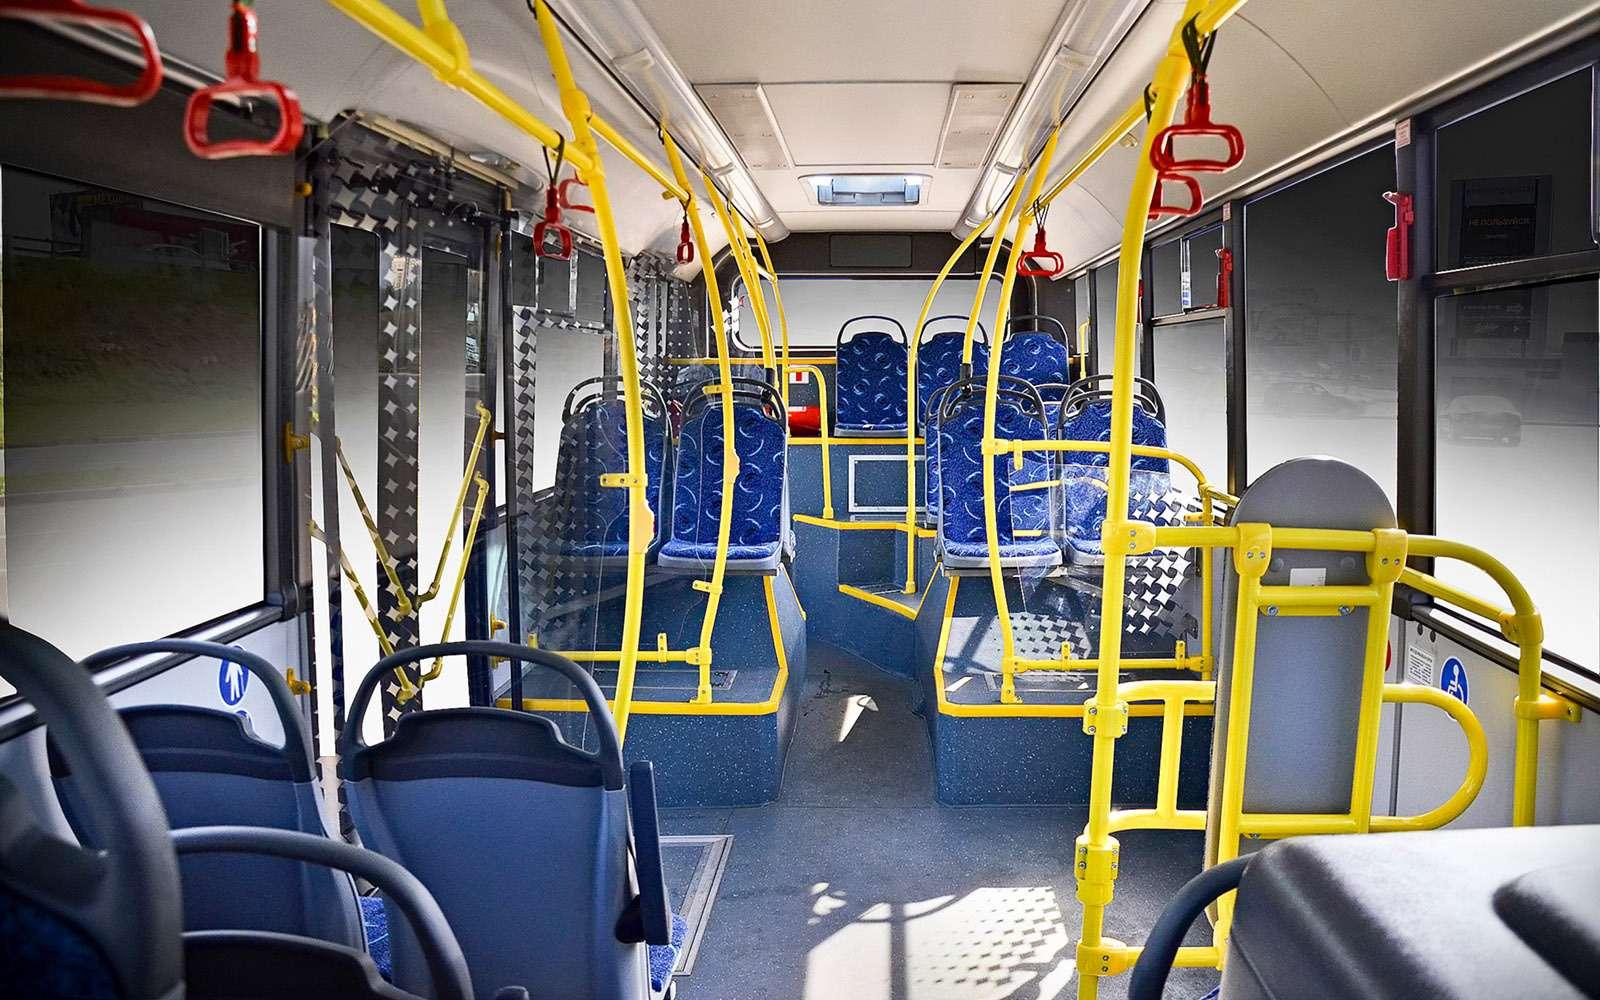 Низкопольные автобусы ЛиАЗ: легким шагом— фото 736757